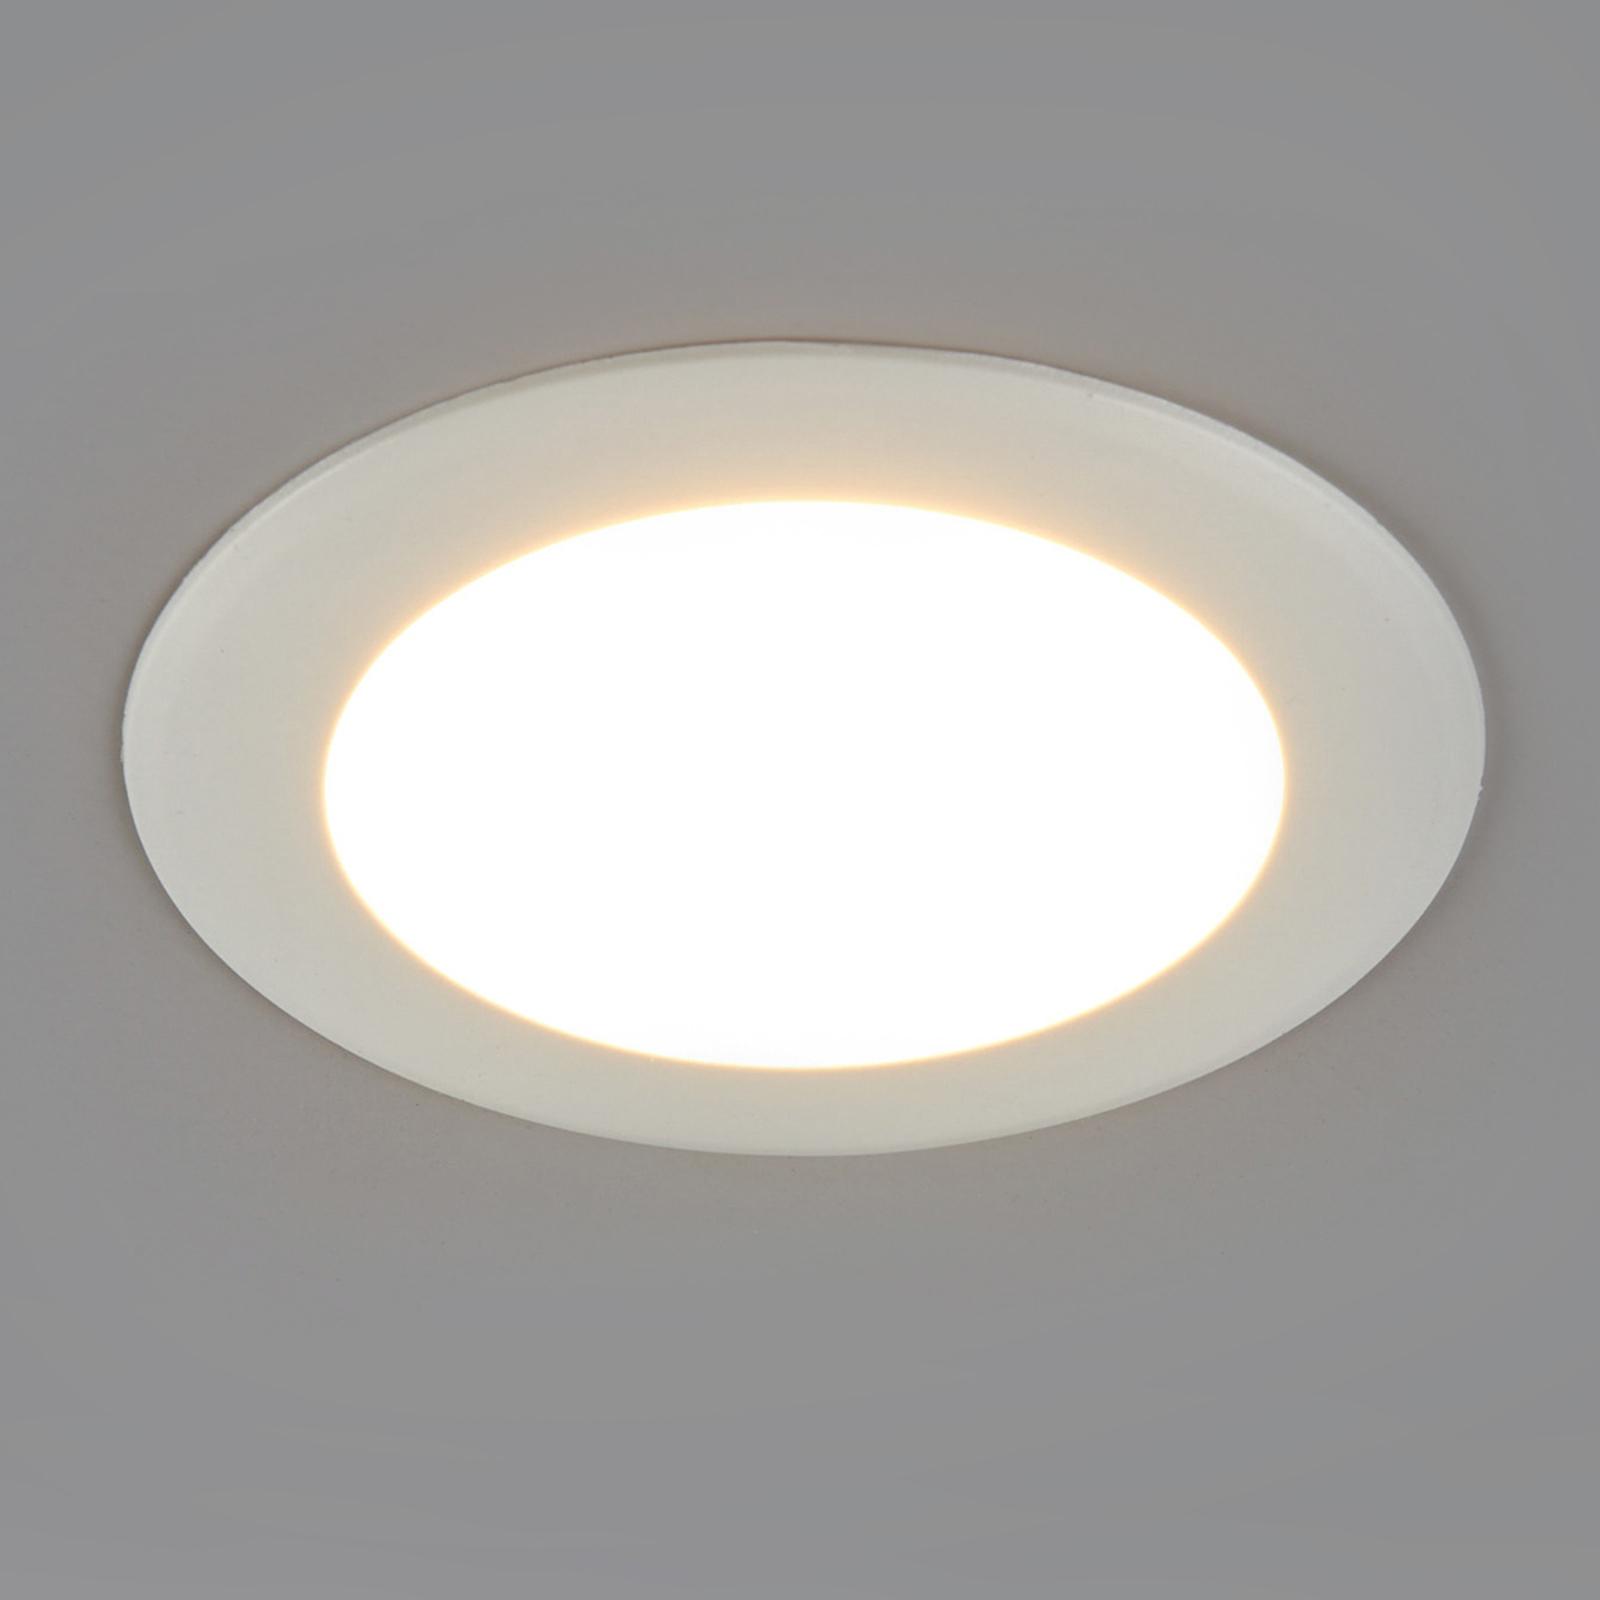 Rund LED-innfellingslampe Arian, 9,2 cm